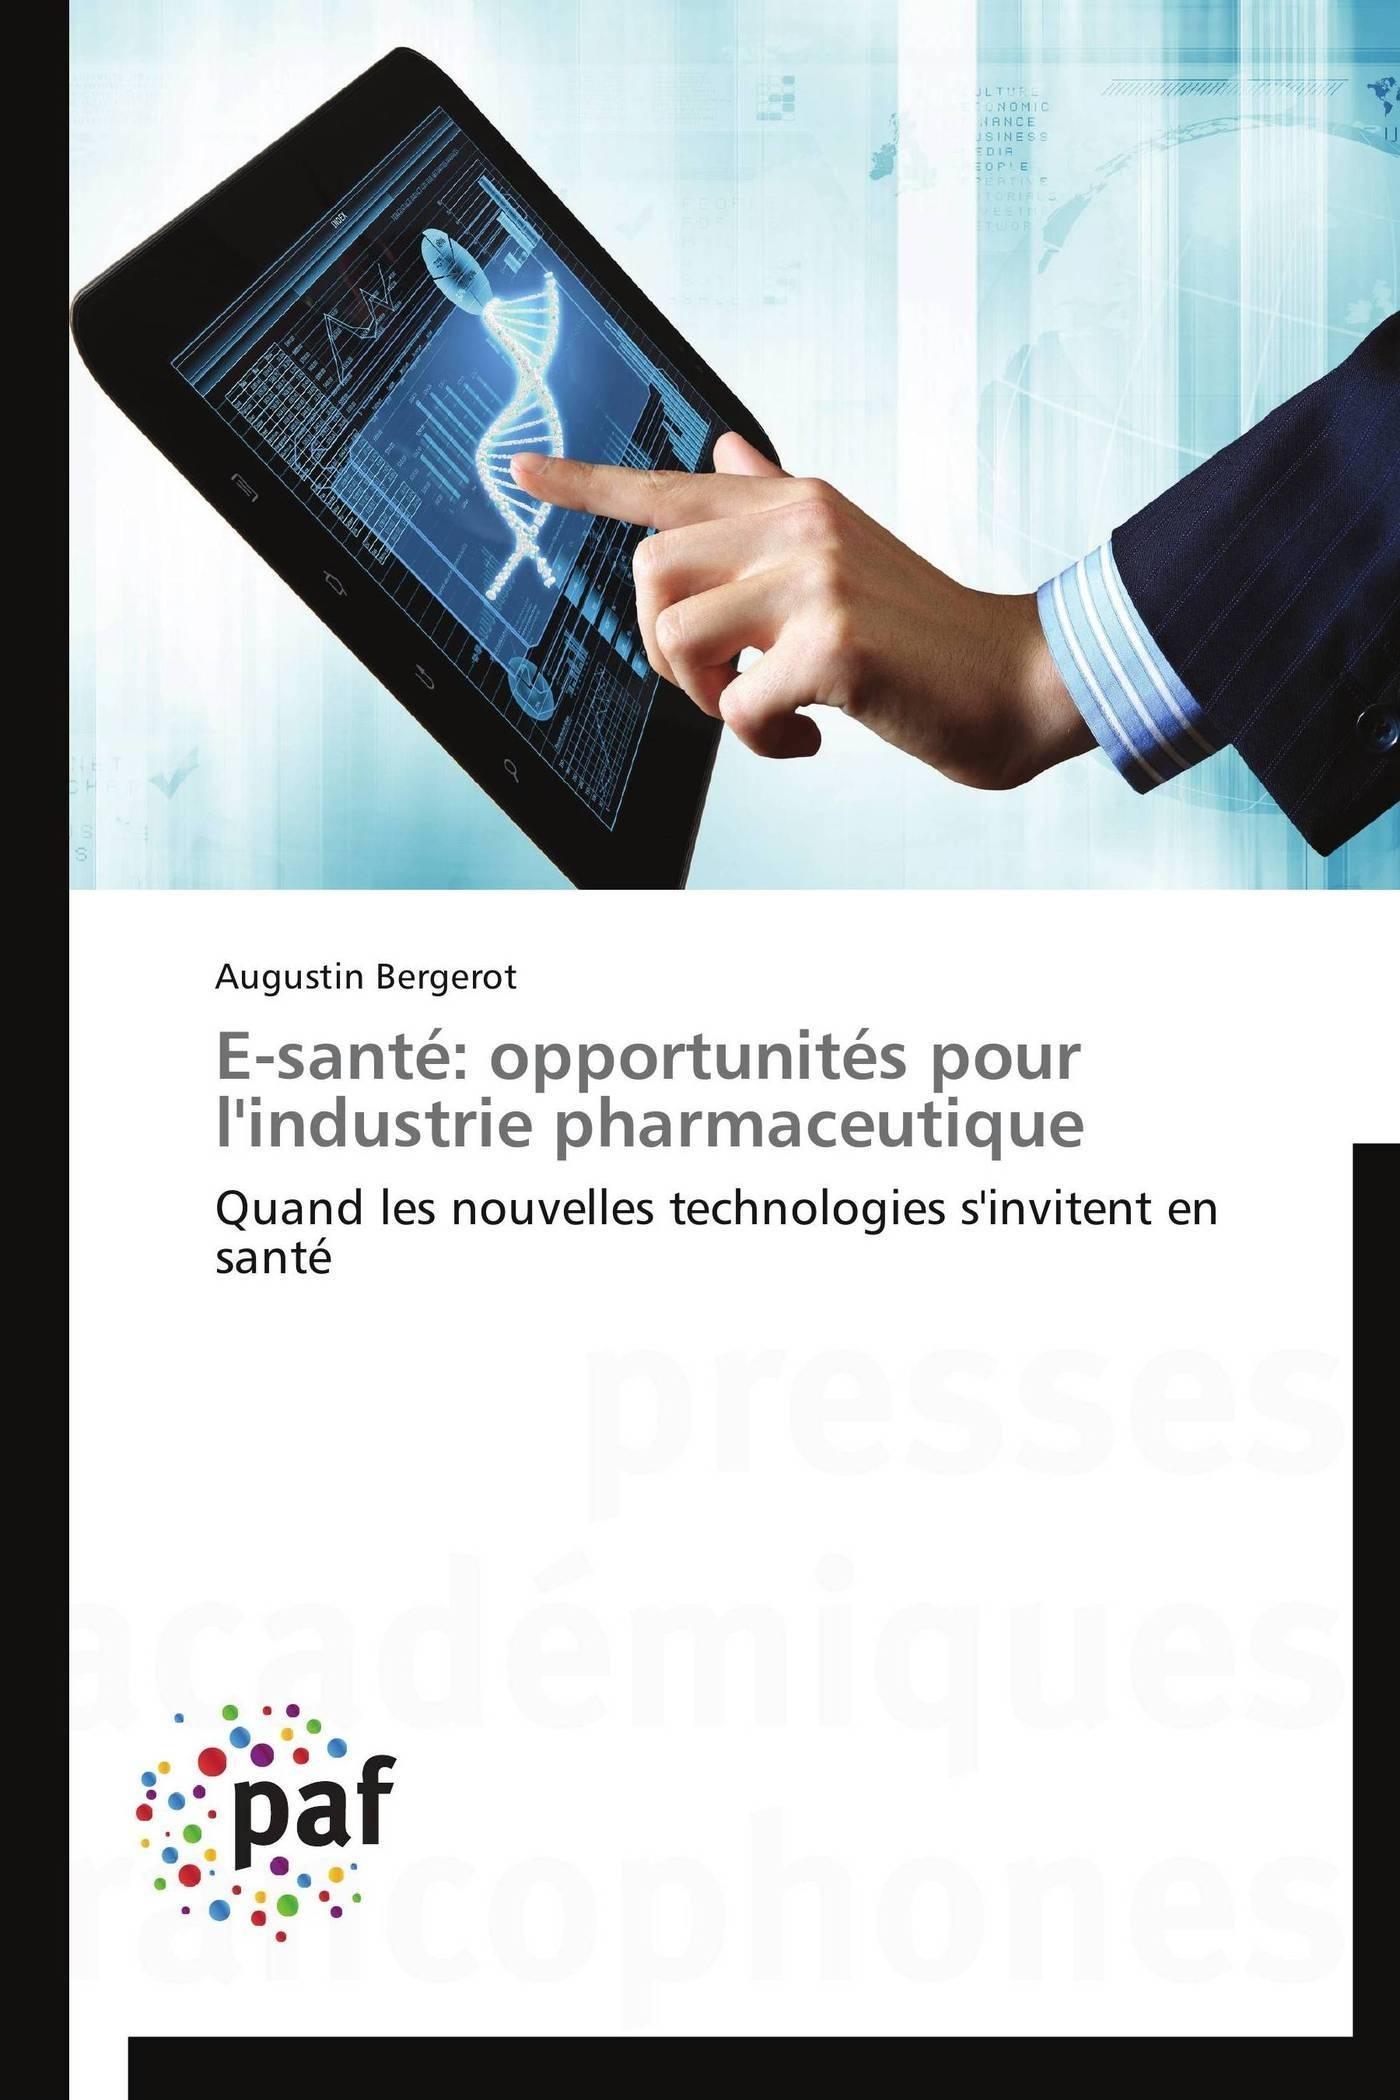 E-SANTE: OPPORTUNITES POUR L'INDUSTRIE PHARMACEUTIQUE